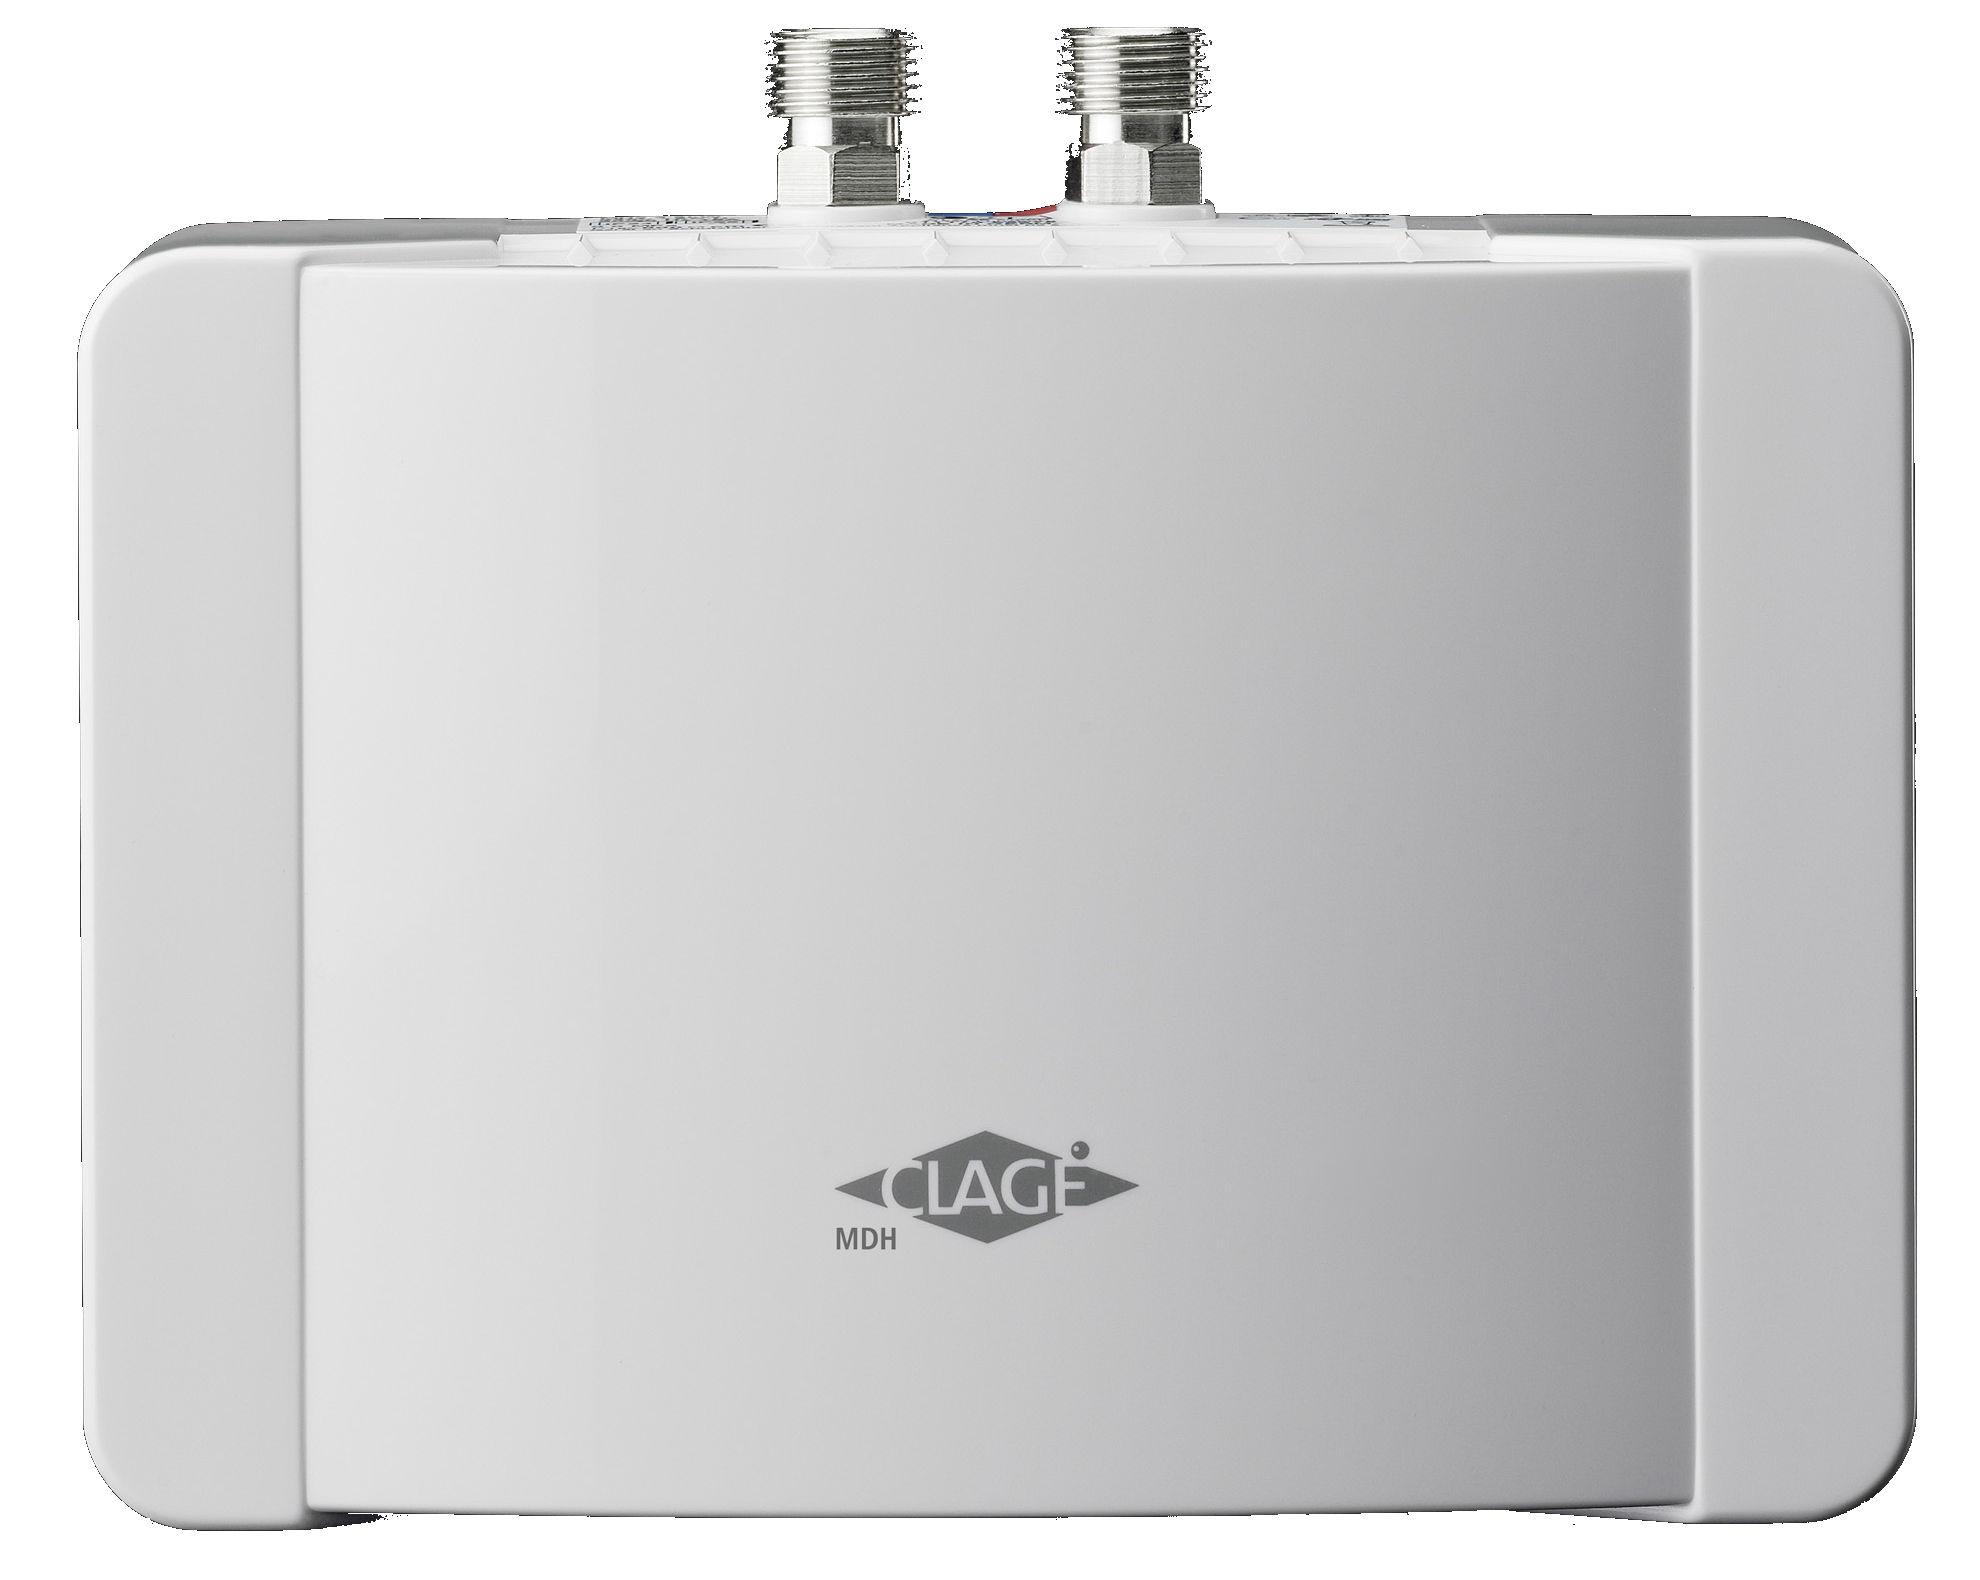 Clage chauffe eau lectrique instantan pour lavabo - Chauffe eau electrique instantane ...